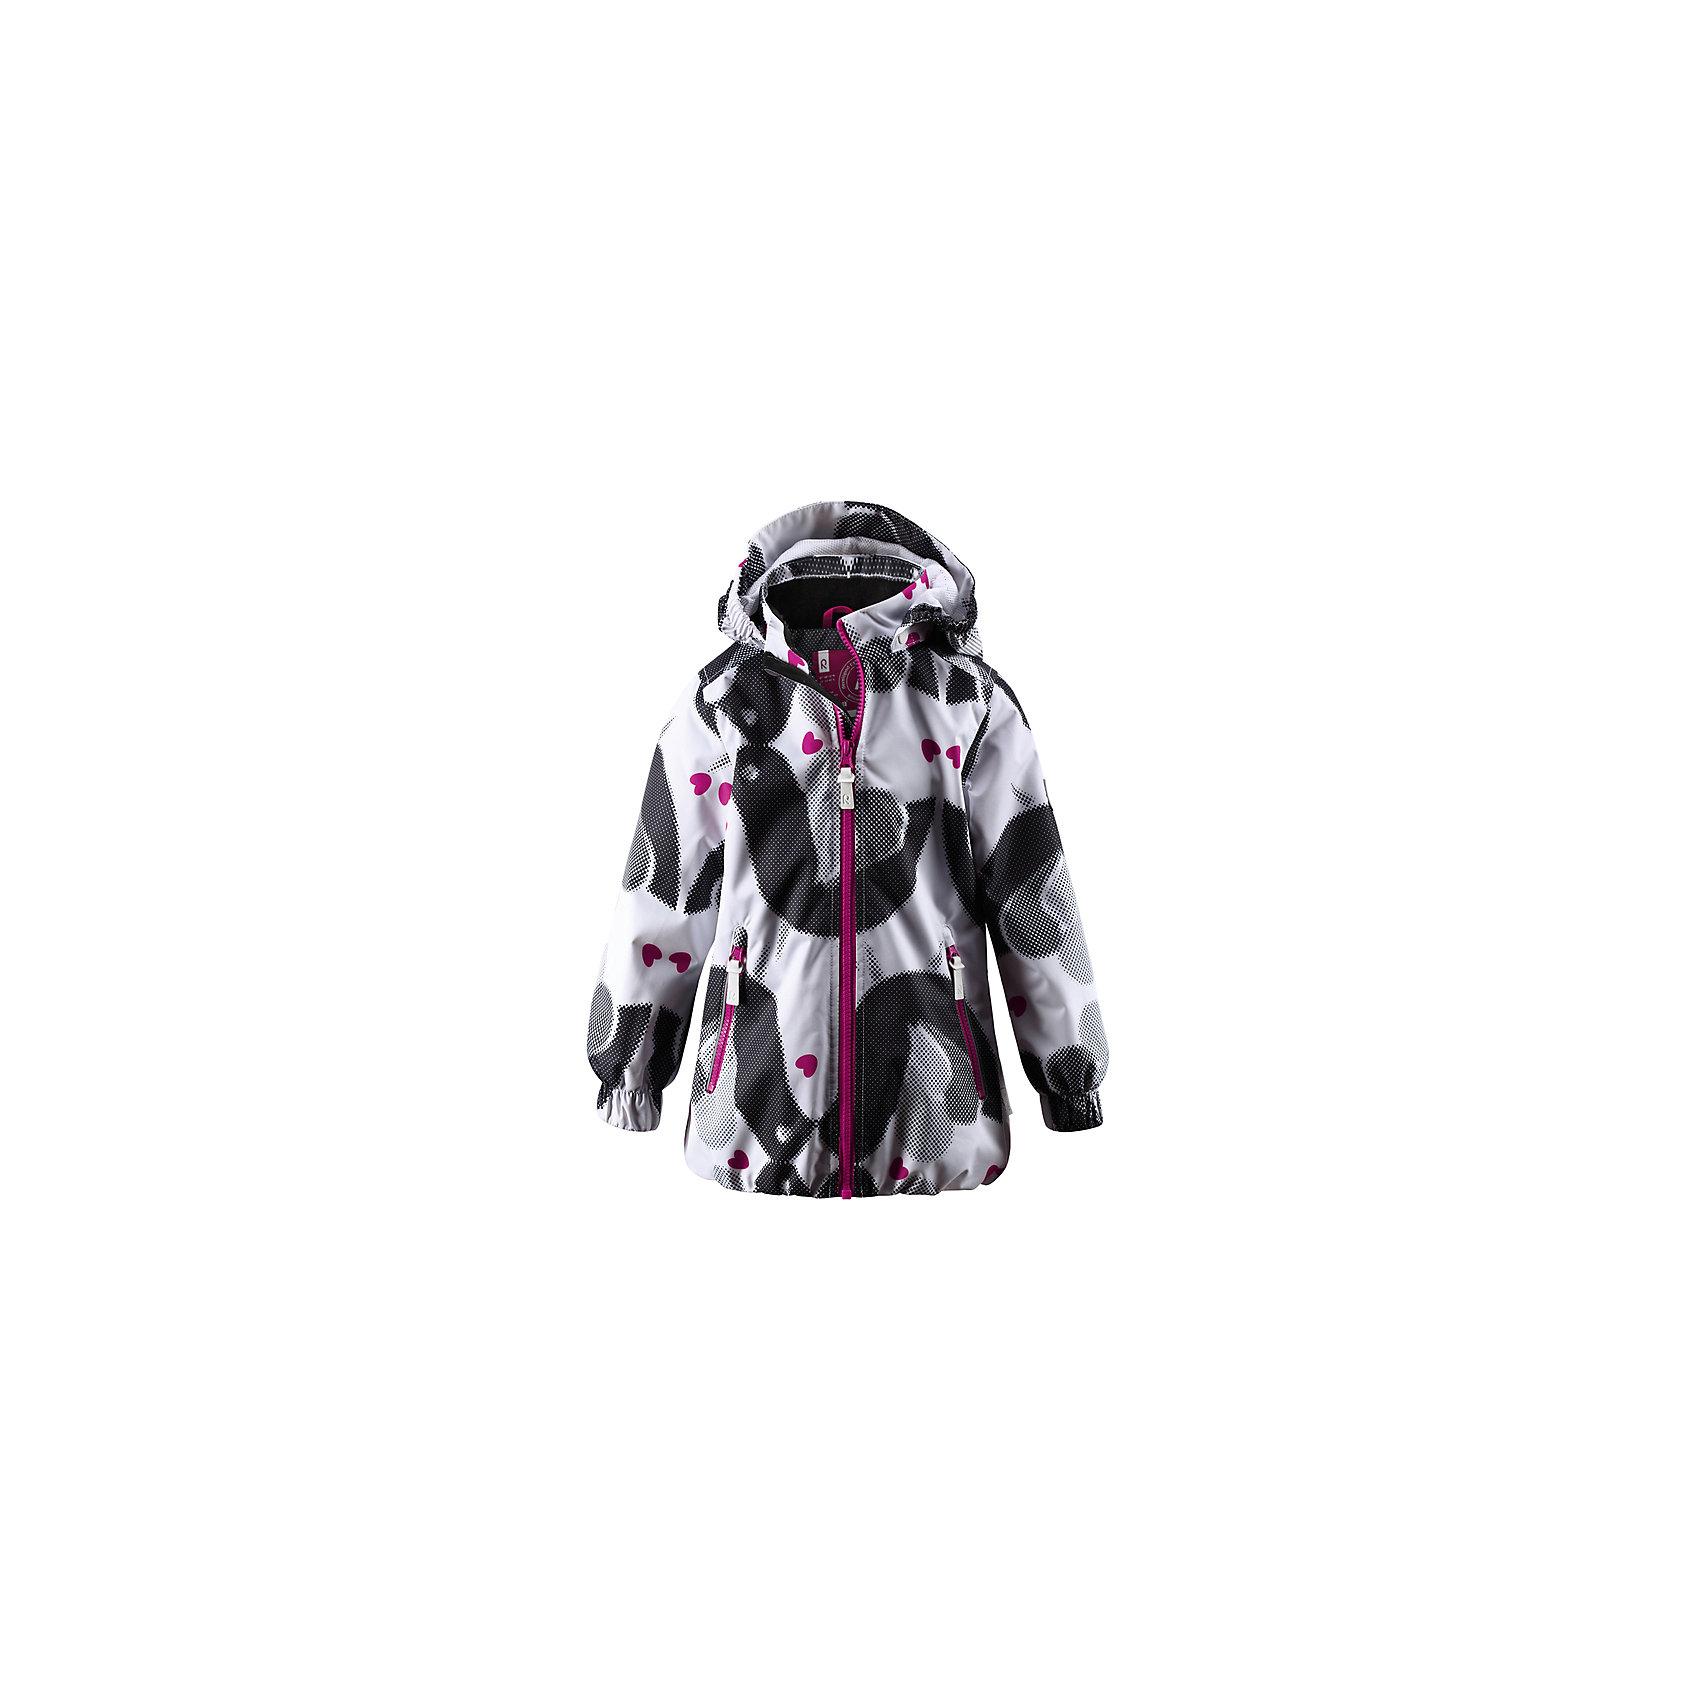 Куртка ReimaКуртка Reima (Рейма), графитовый от известного финского производителя  детской одежды Reima. Куртка-ветровка выполнена из полиэстера, который обладает высокой износоустойчивостью, воздухопроницаемыми, водооталкивающими и грязеотталкивающими свойствами. Изделие устойчиво к изменению формы и цвета даже при длительном использовании. Куртка имеет классическую форму: прямой силуэт, съемный капюшон в форме конуса с оригинальным аксессуаром-сердечком, воротник-стойка, застежка-молния с защитой у подбородка и 2 боковых прорезных кармана на молнии. Манжеты рукавов на широкой резинке, также на спинке куртка присборена резинкой, что обеспечивает хорошую посадку изделия.   Куртка выполнена в графитовом цвете с оригинальным принтом. Ветровка идеально подходит для весенних и осенних прогулок.<br><br>Дополнительная информация:<br><br>- Предназначение: повседневная одежда для прогулок и активного отдыха<br>- Цвет: графитовый<br>- Пол: для девочки<br>- Состав: 100% полиэстер, полиуретановое покрытие<br>- Сезон: весна-осень (демисезонная)<br>- Особенности ухода: стирать изделие, предварительно вывернув его на левую сторону, не использовать отбеливающие вещества, загрязнения с поверхности удаляются влажной губкой<br><br>Подробнее:<br><br>• Для детей в возрасте: от 8 лет и до 9 лет<br>• Страна производитель: Китай<br>• Торговый бренд: Reima, Финляндия<br><br>Куртку Reima (Рейма), графитовый можно купить в нашем интернет-магазине.<br><br>Ширина мм: 356<br>Глубина мм: 10<br>Высота мм: 245<br>Вес г: 519<br>Возраст от месяцев: 72<br>Возраст до месяцев: 84<br>Пол: Унисекс<br>Возраст: Детский<br>Размер: 122,128,140,110,134,116<br>SKU: 4864006